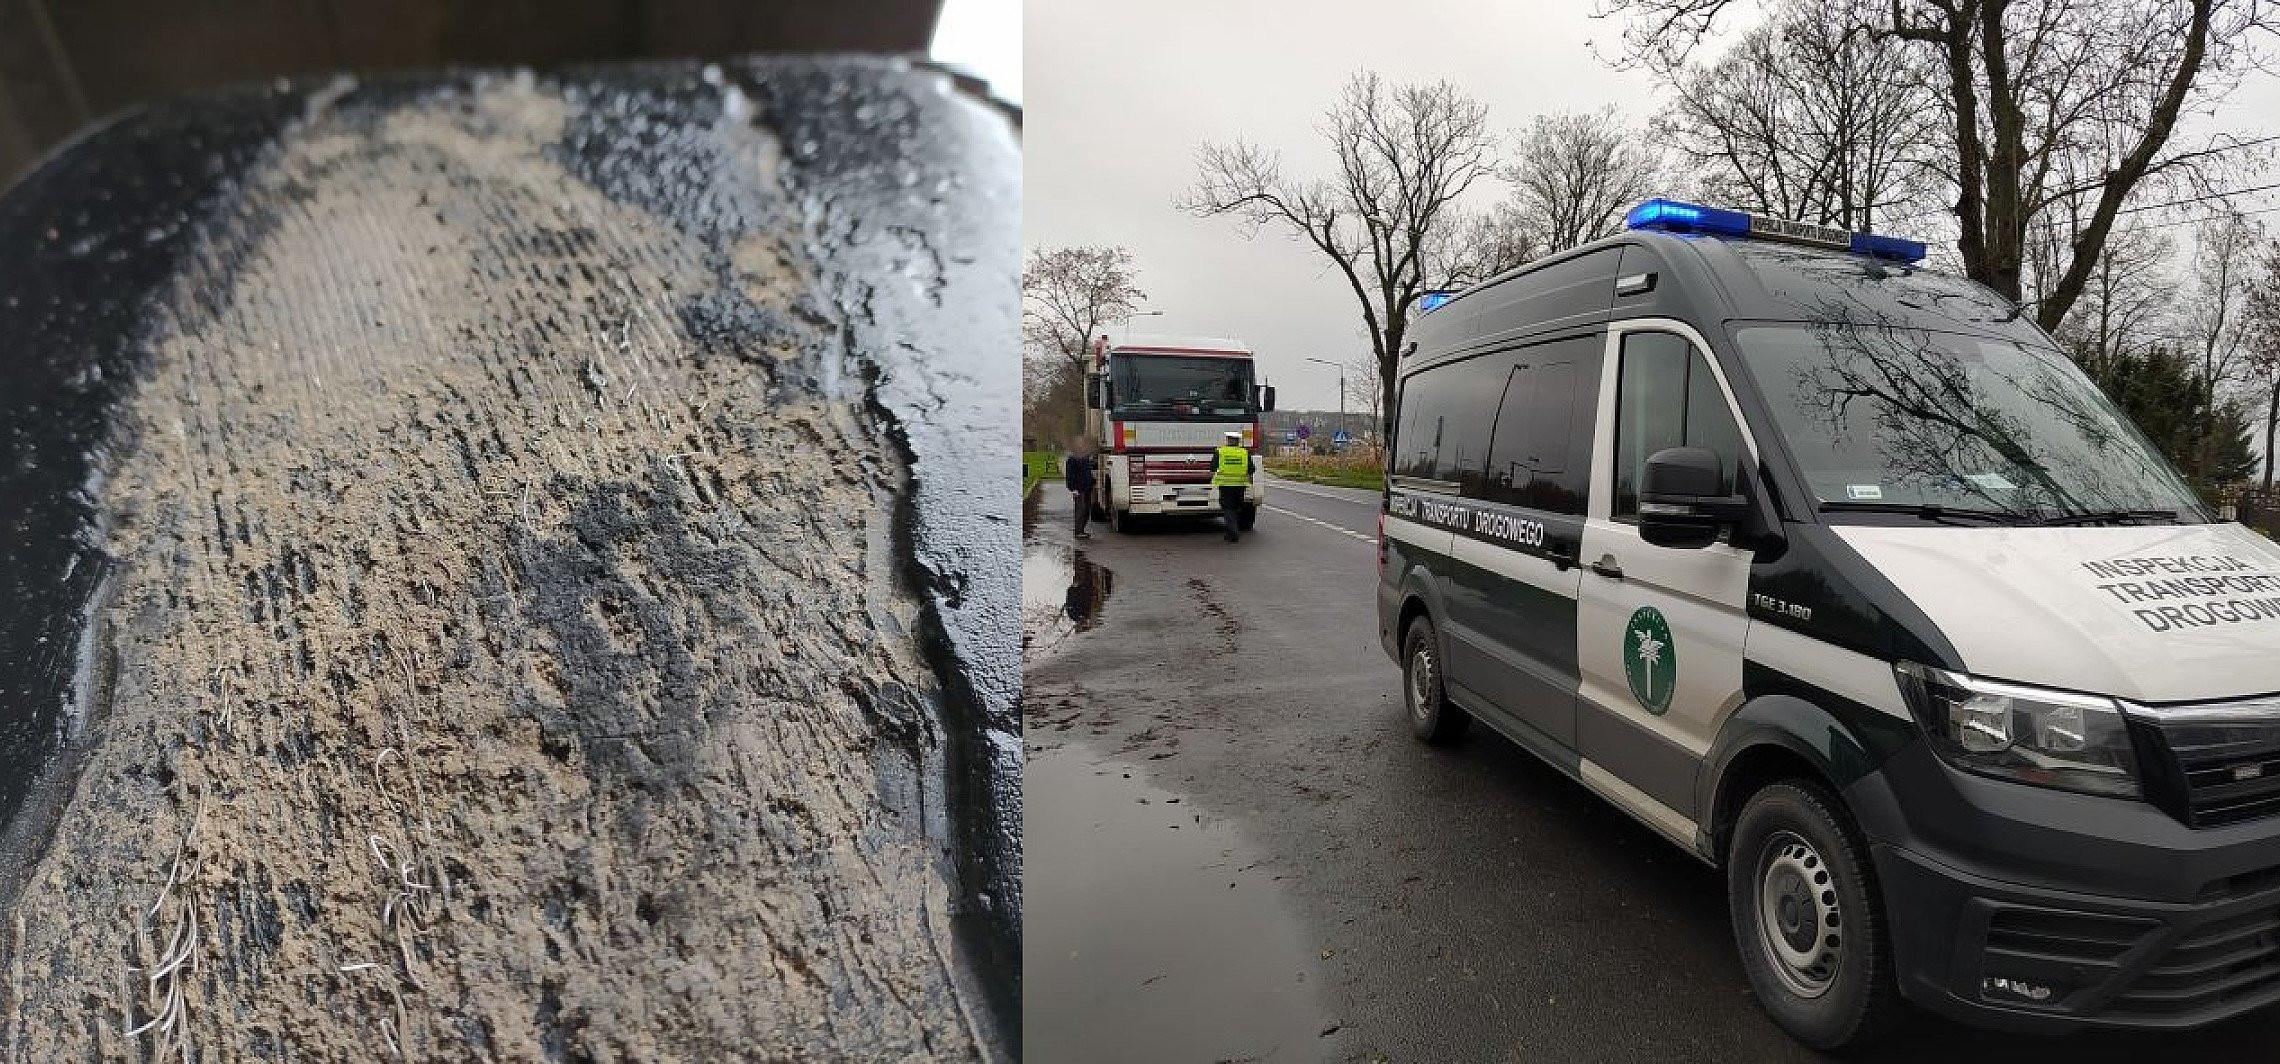 Kujawsko-Pomorskie - Pomoc drogowa sama potrzebowała pomocy